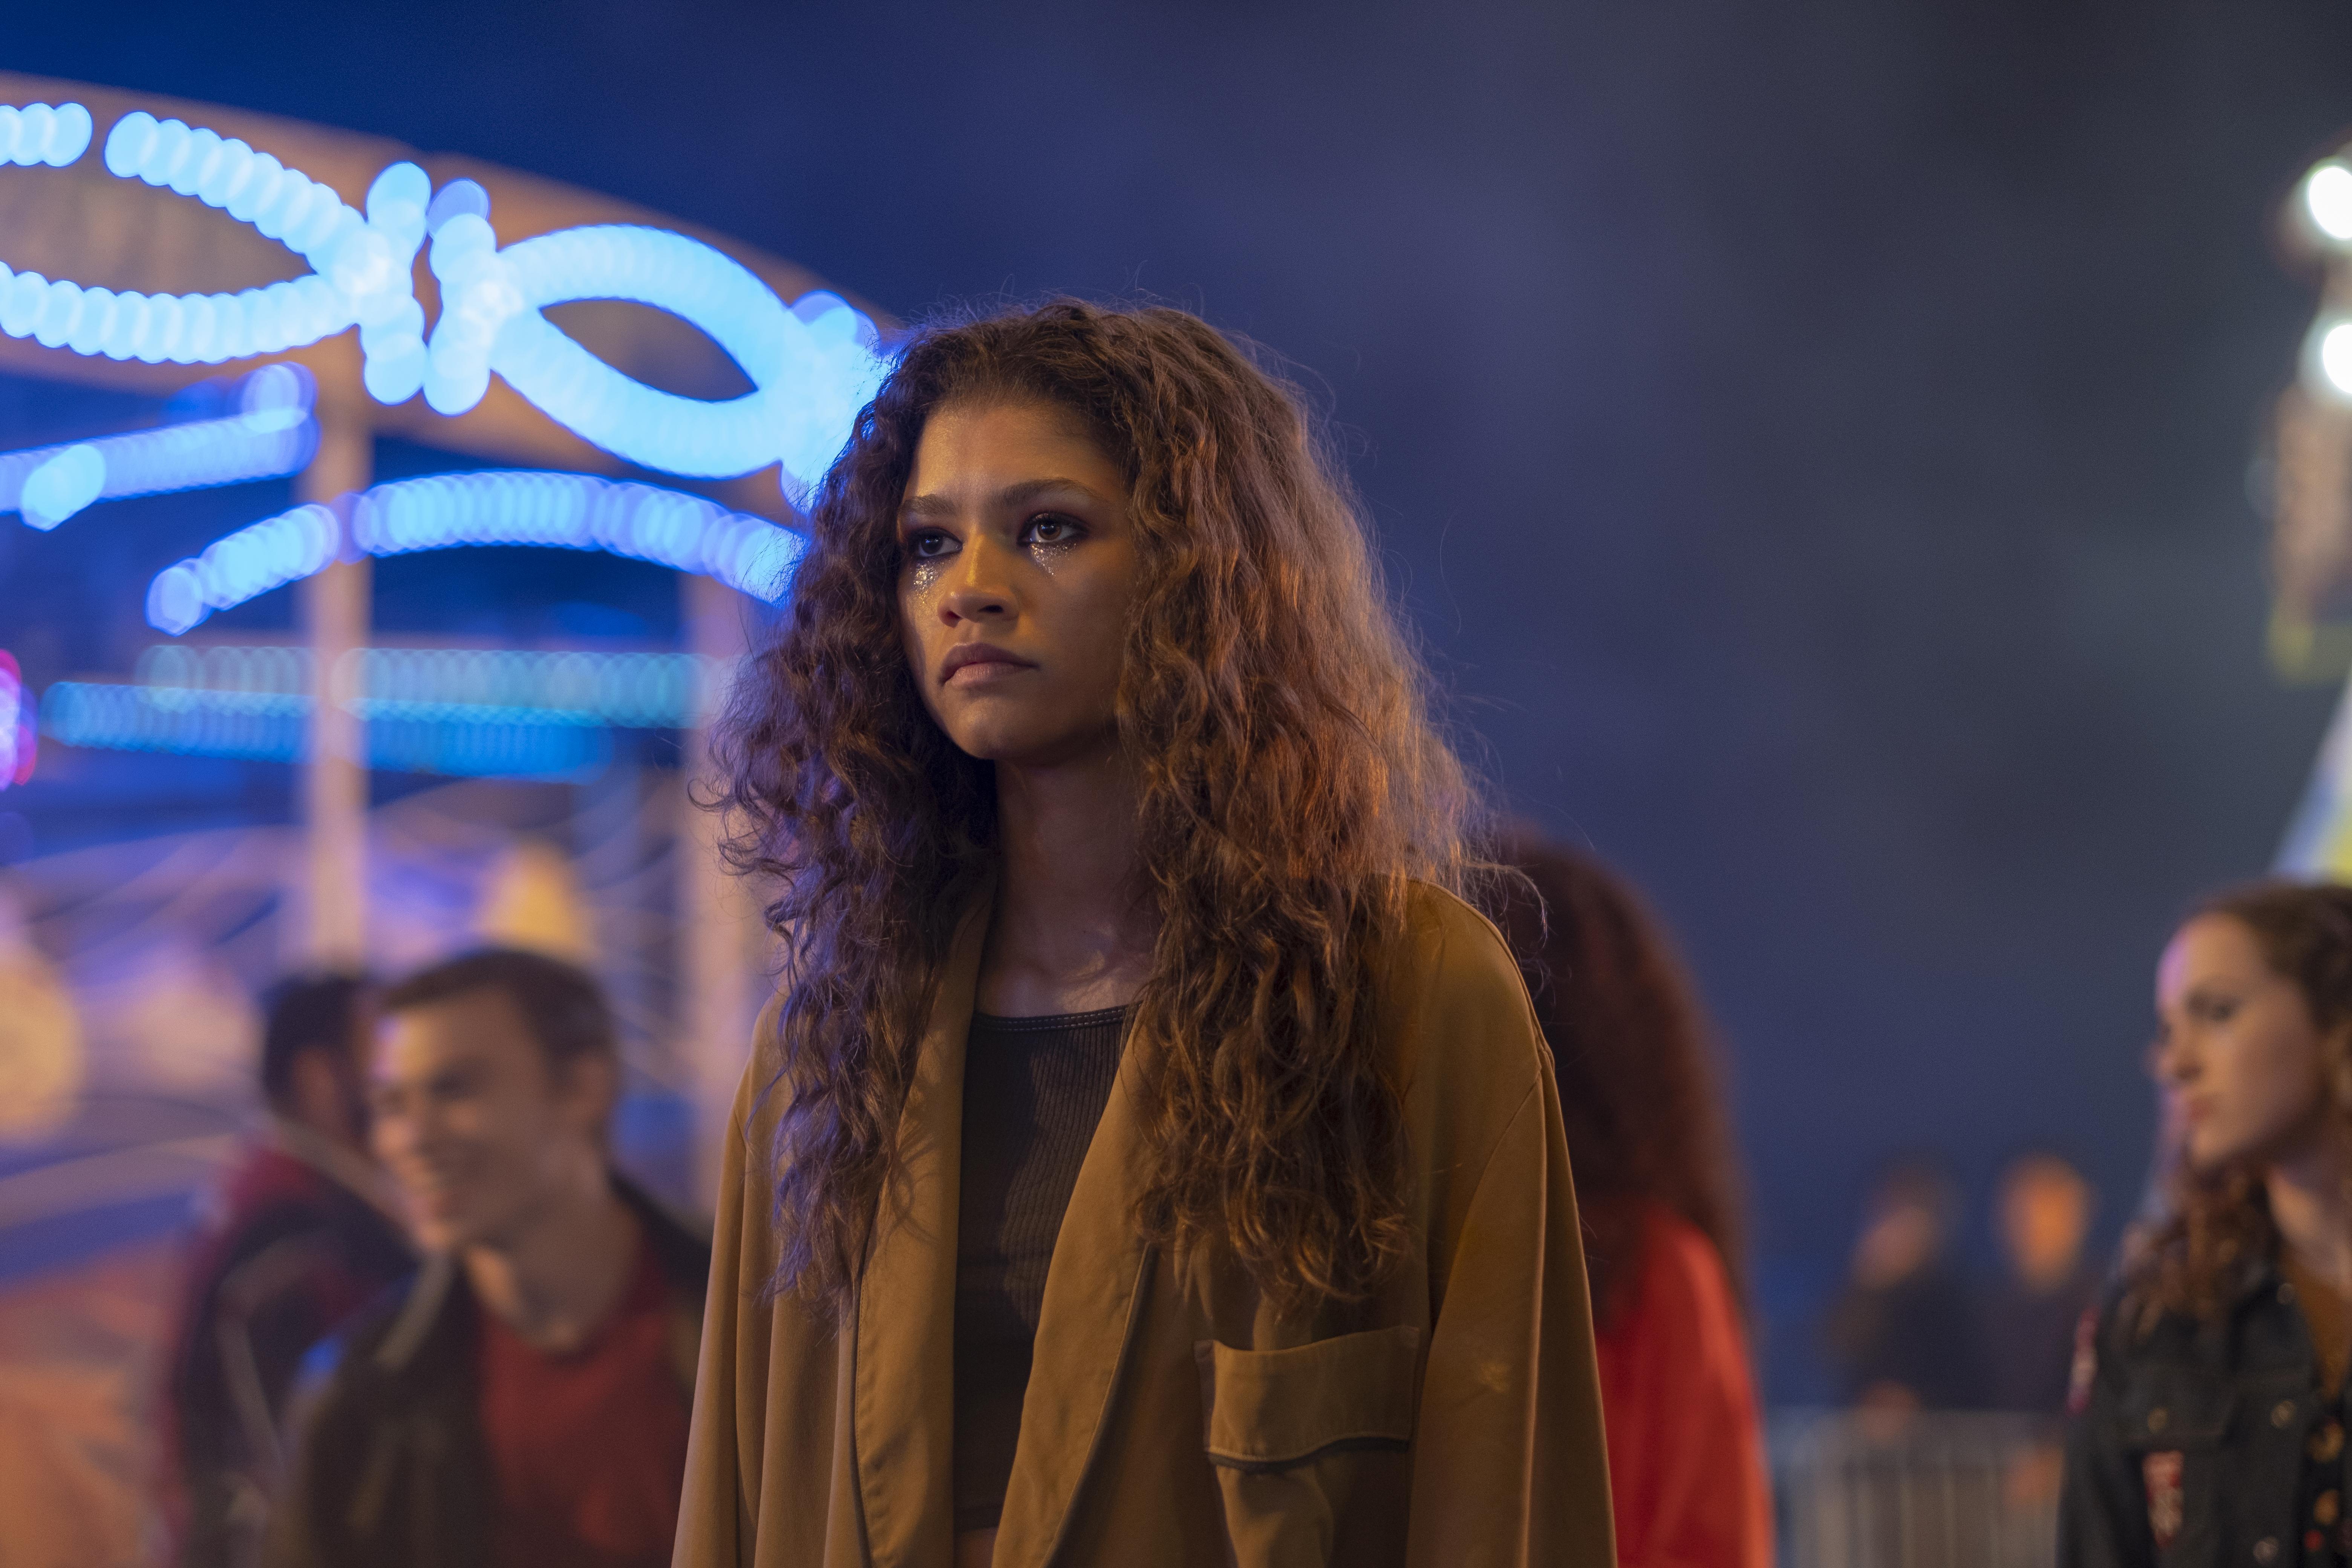 荣获艾美奖肯定的HBO原创影集《高校十八禁》(Euphoria)将播出两集特别篇,第一集将于12月7日上午10时与美国同步独家在HBO GO播出。-华纳媒体提供-